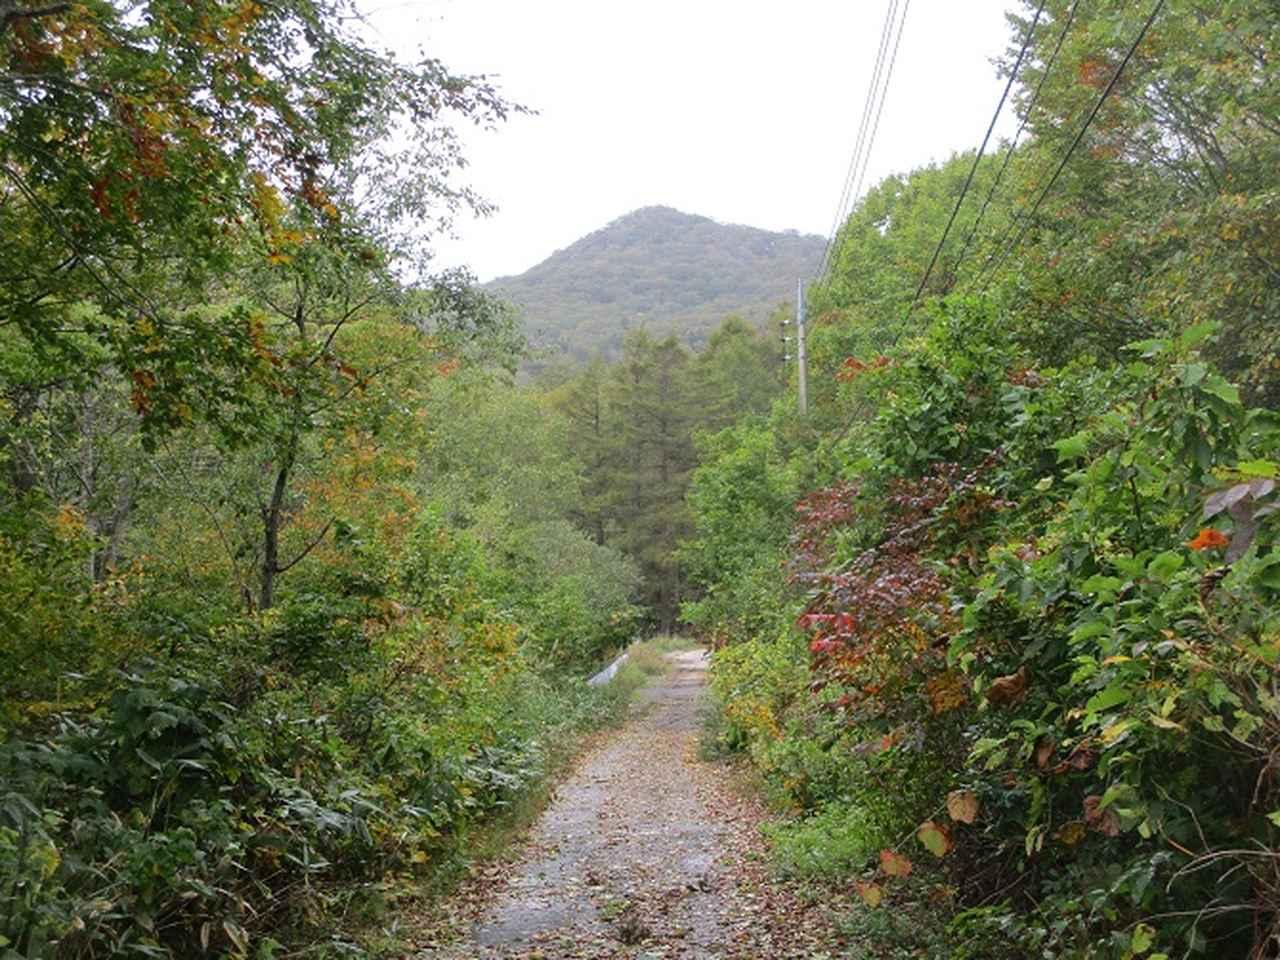 画像3: 【山旅会・登山ガイドこだわりツアー】岡田ガイドからの便り・尼ヶ禿山ツアーの下見に行ってきました!